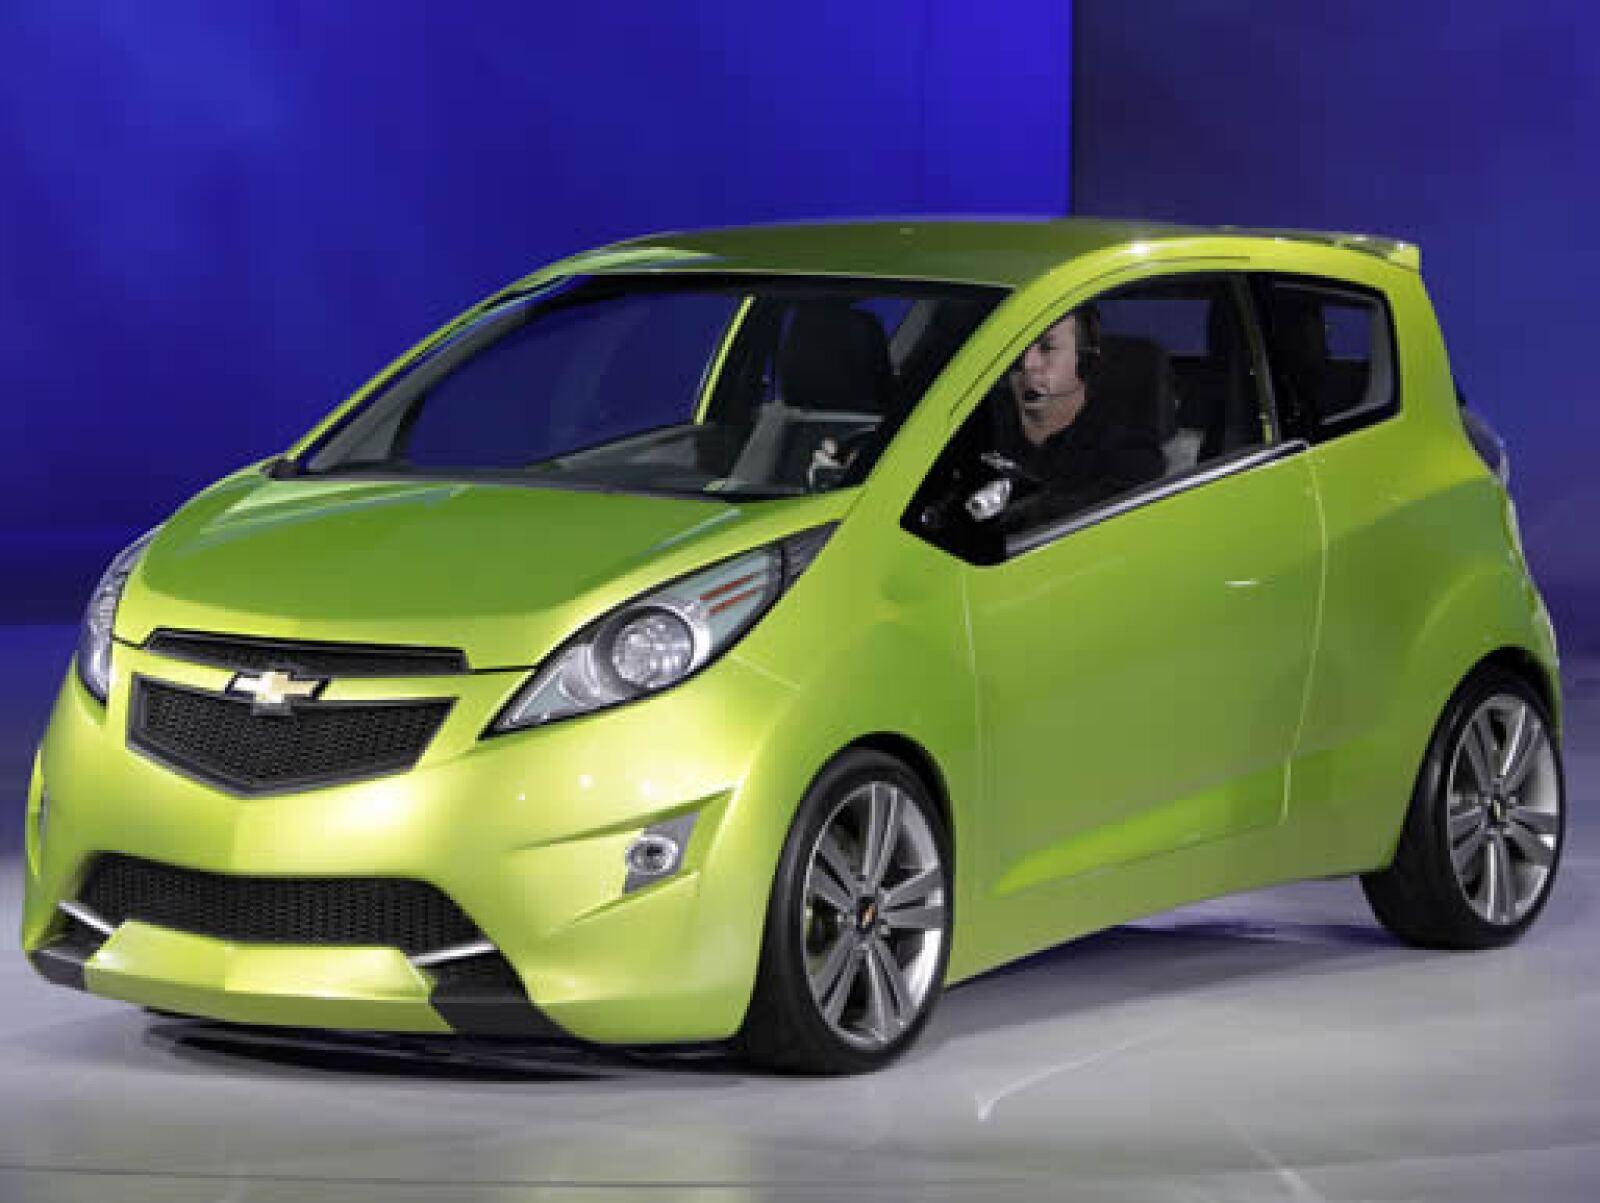 En 2011, GM  tratará de conquistar el mercado de subcompactos con el Spark, basado en el modelo Beat.